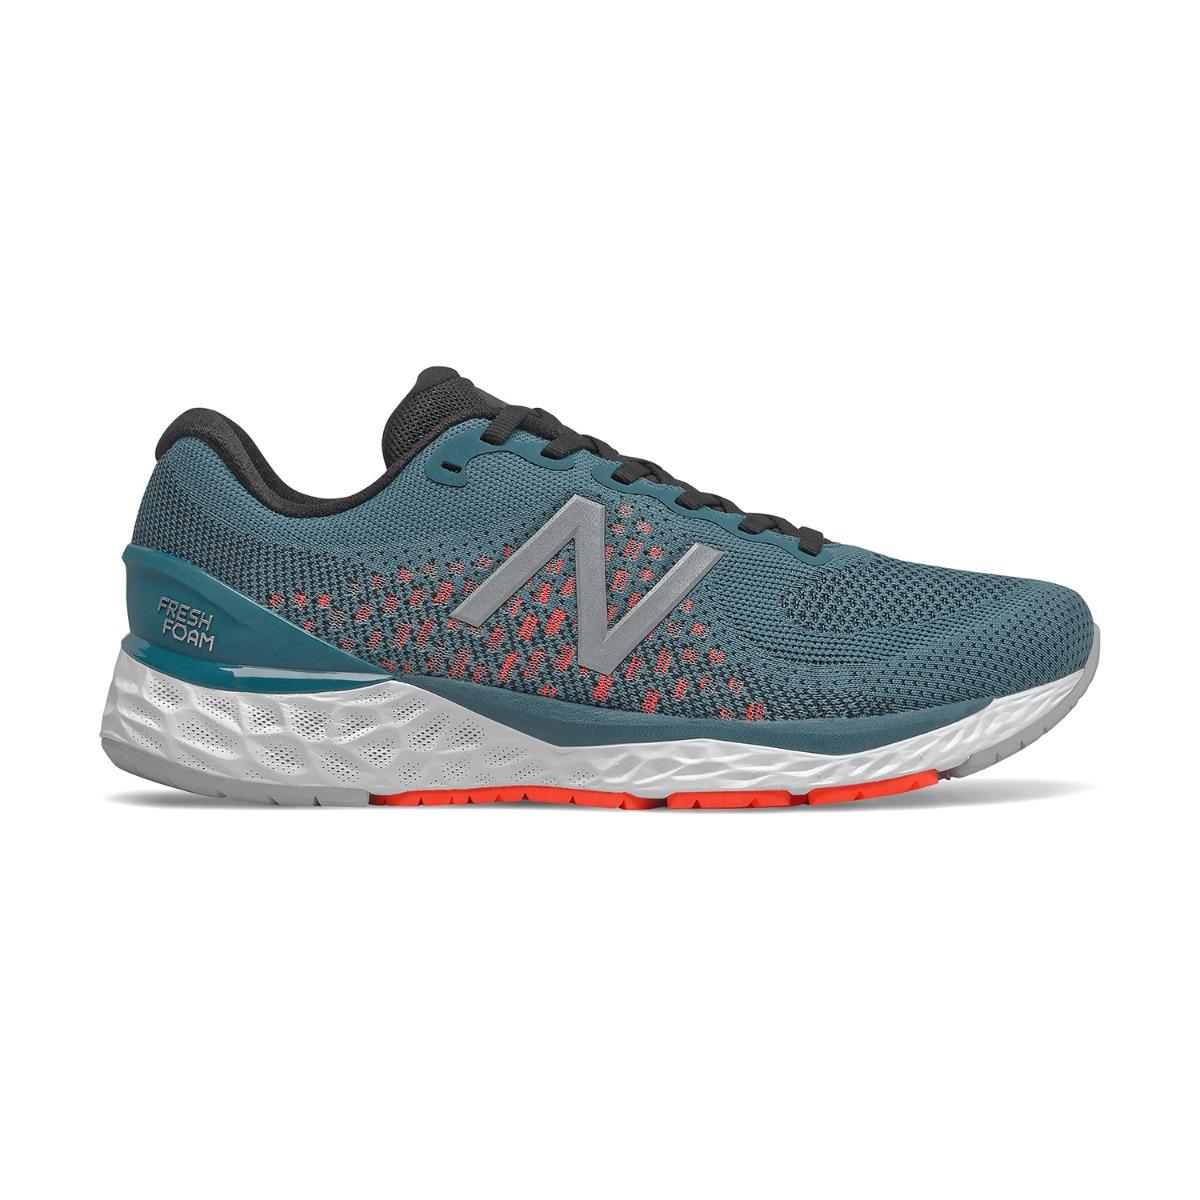 860v10 2E Width Running Shoe